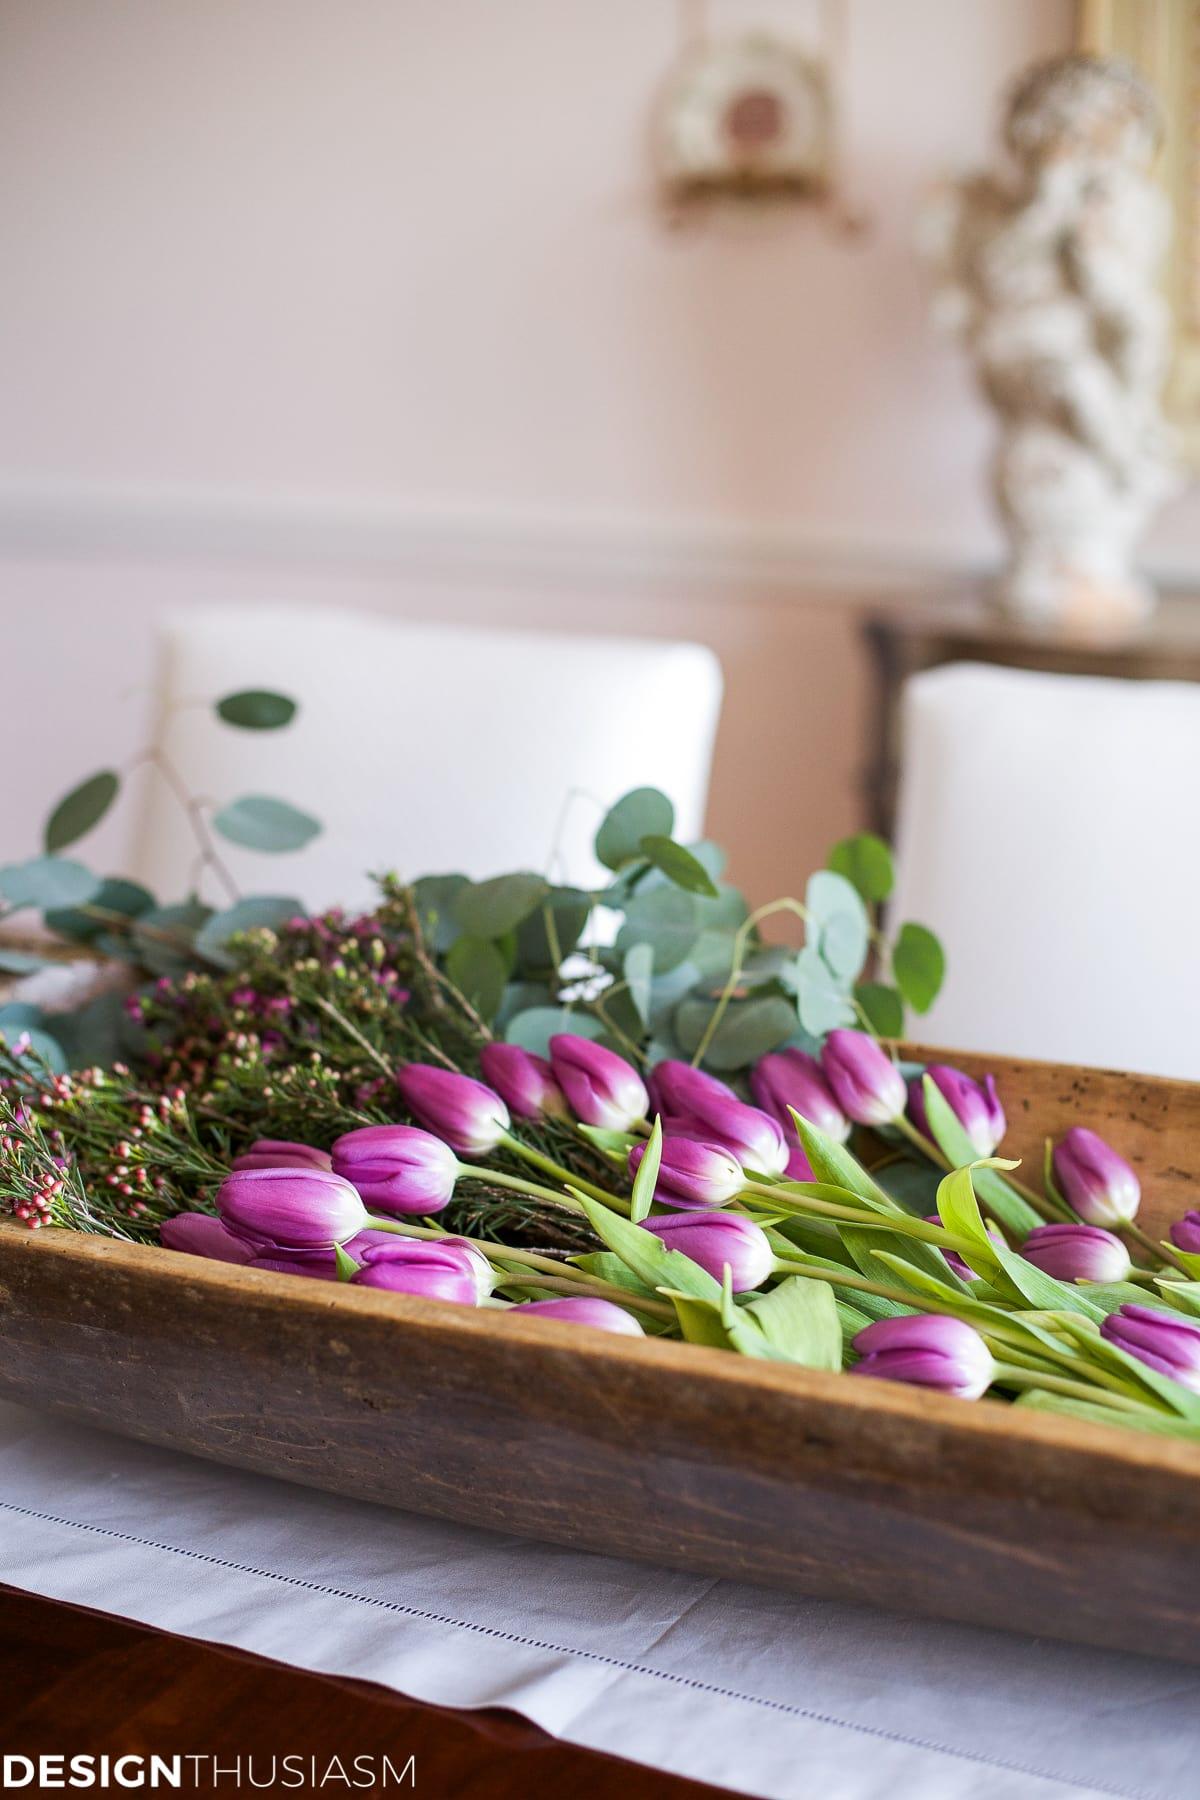 Elegant dining rooms | tulips floral centerpiece | Designthusiasm.com